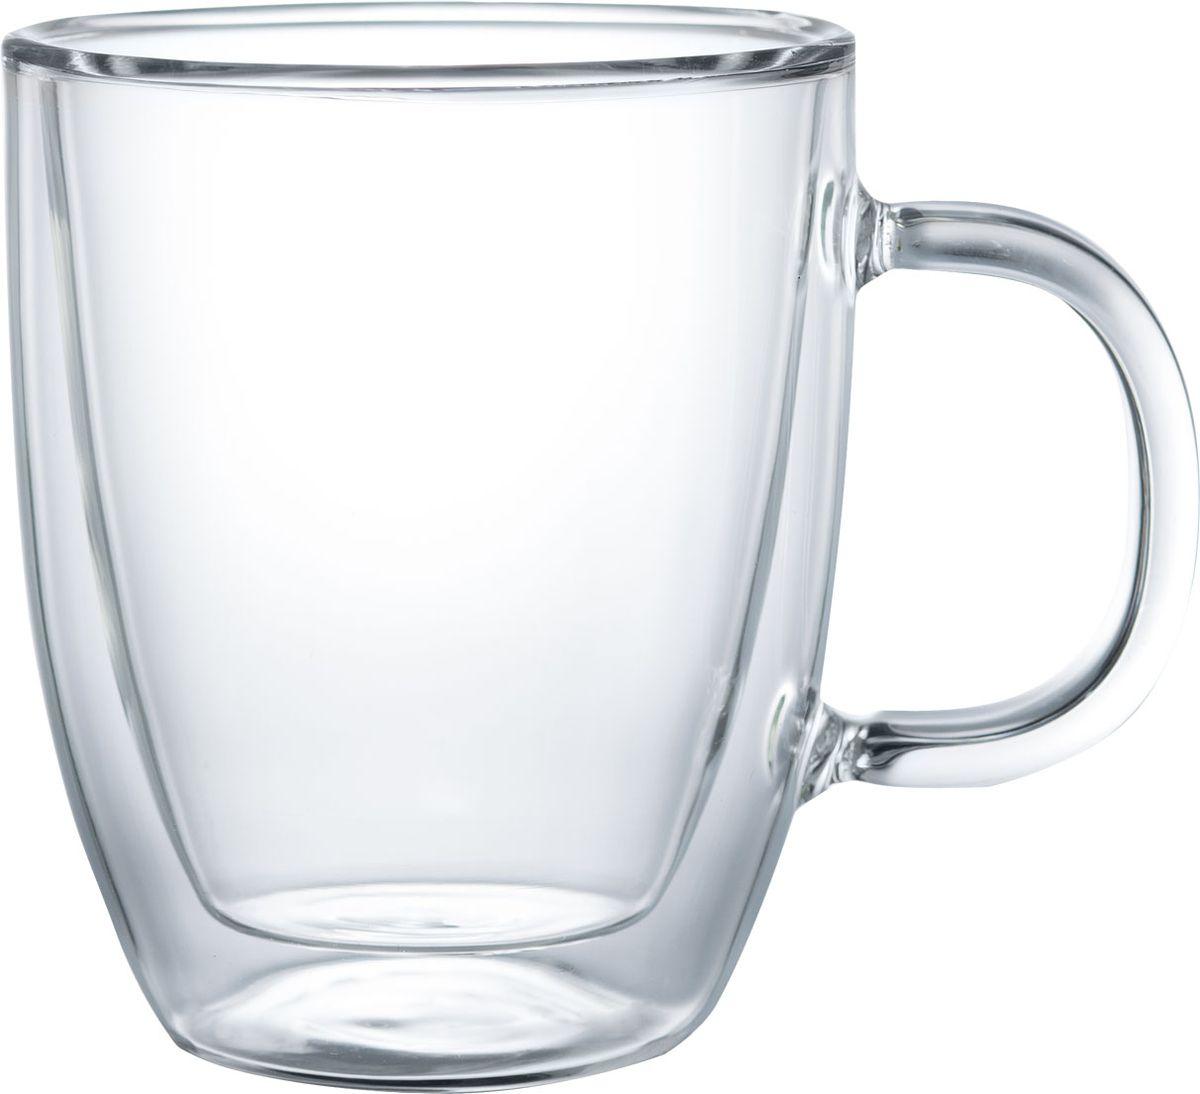 """Термокружка Walmer """"Queen"""", изготовленная из высококачественного жаропрочного стекла, оснащена двойными стенками. Прослойка воздуха оставляет напитки долгое время горячими. Внешняя поверхность кружки сохраняет при этом комнатную температуру.Можно мыть в посудомоечной машине и использовать в микроволновой печи.Диаметр (по верхнему краю): 10 см.Высота: 12 см."""